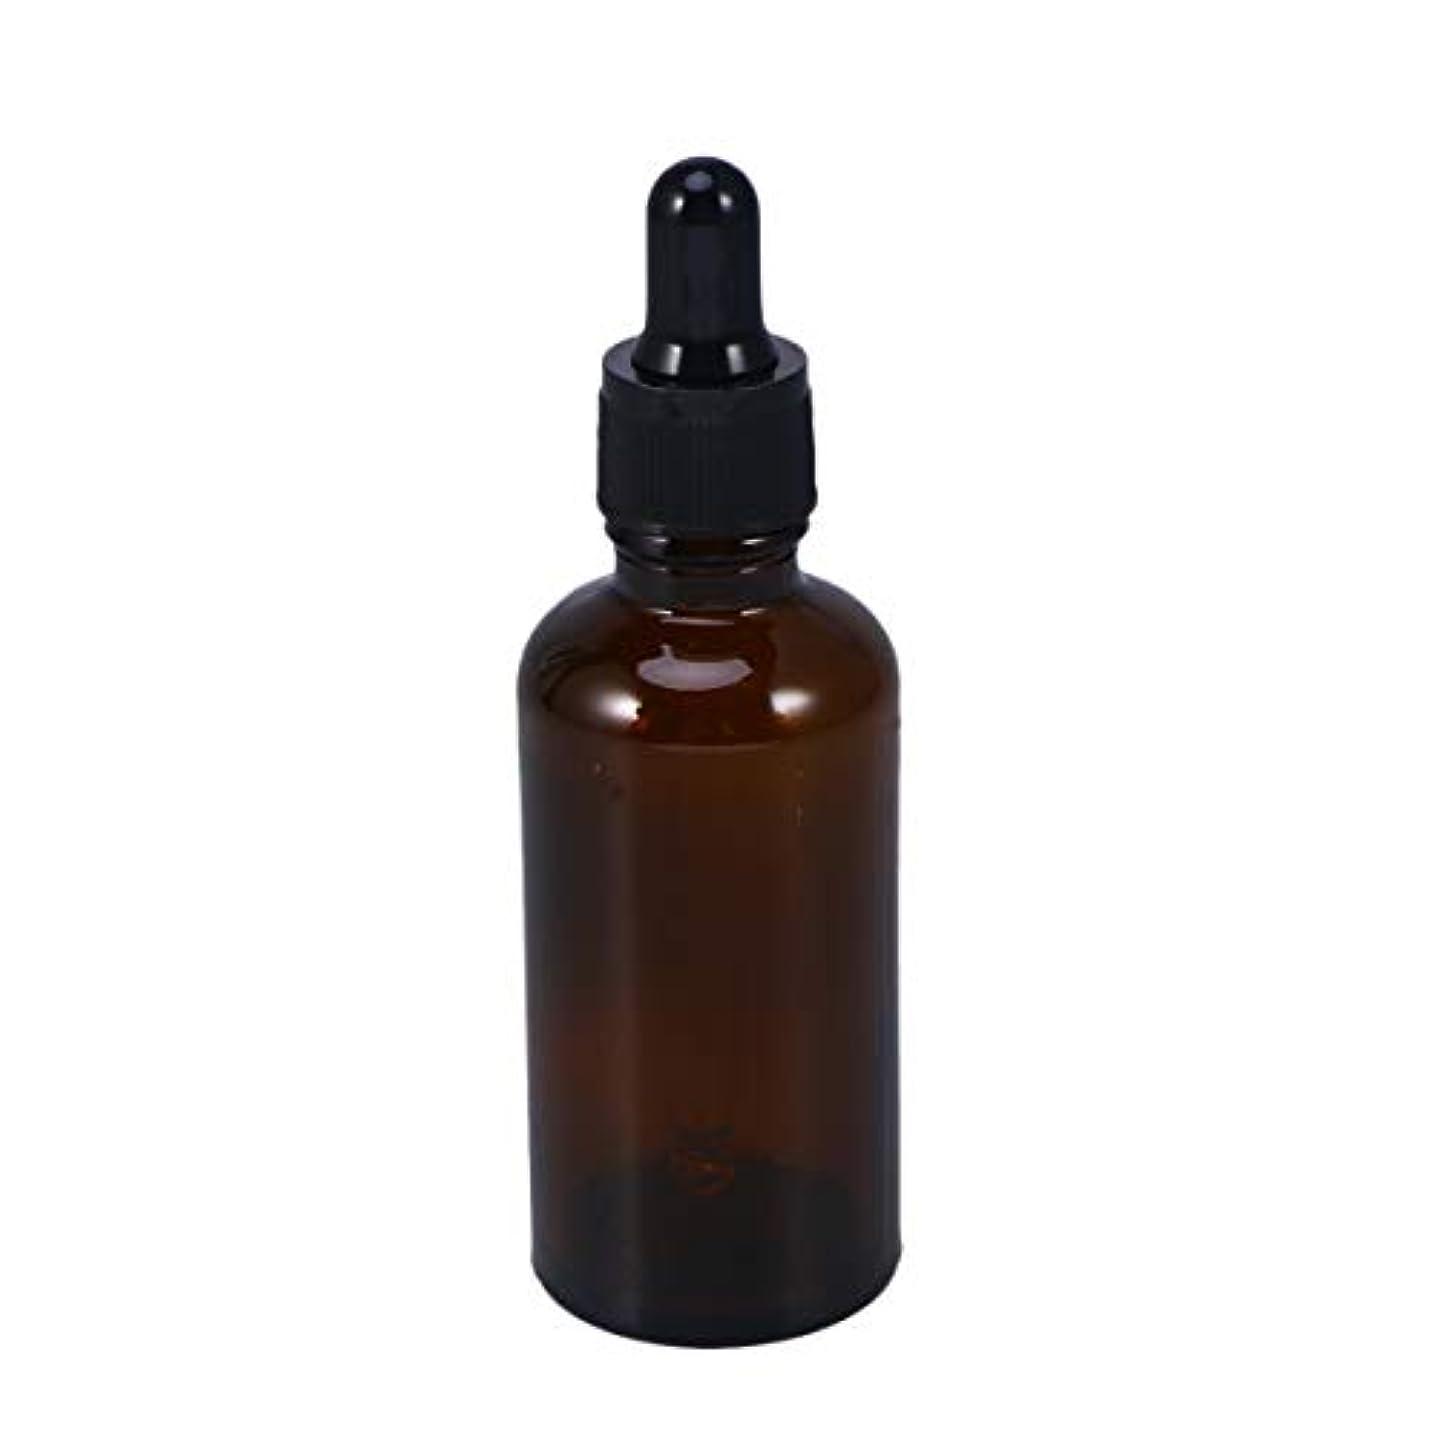 Frcolor 遮光瓶 スポイト遮光瓶 50ml スポイト付き アロマボトル ガラス 茶色 香水 保存用 詰替え エッセンシャルオイル 保存容器 2本セット